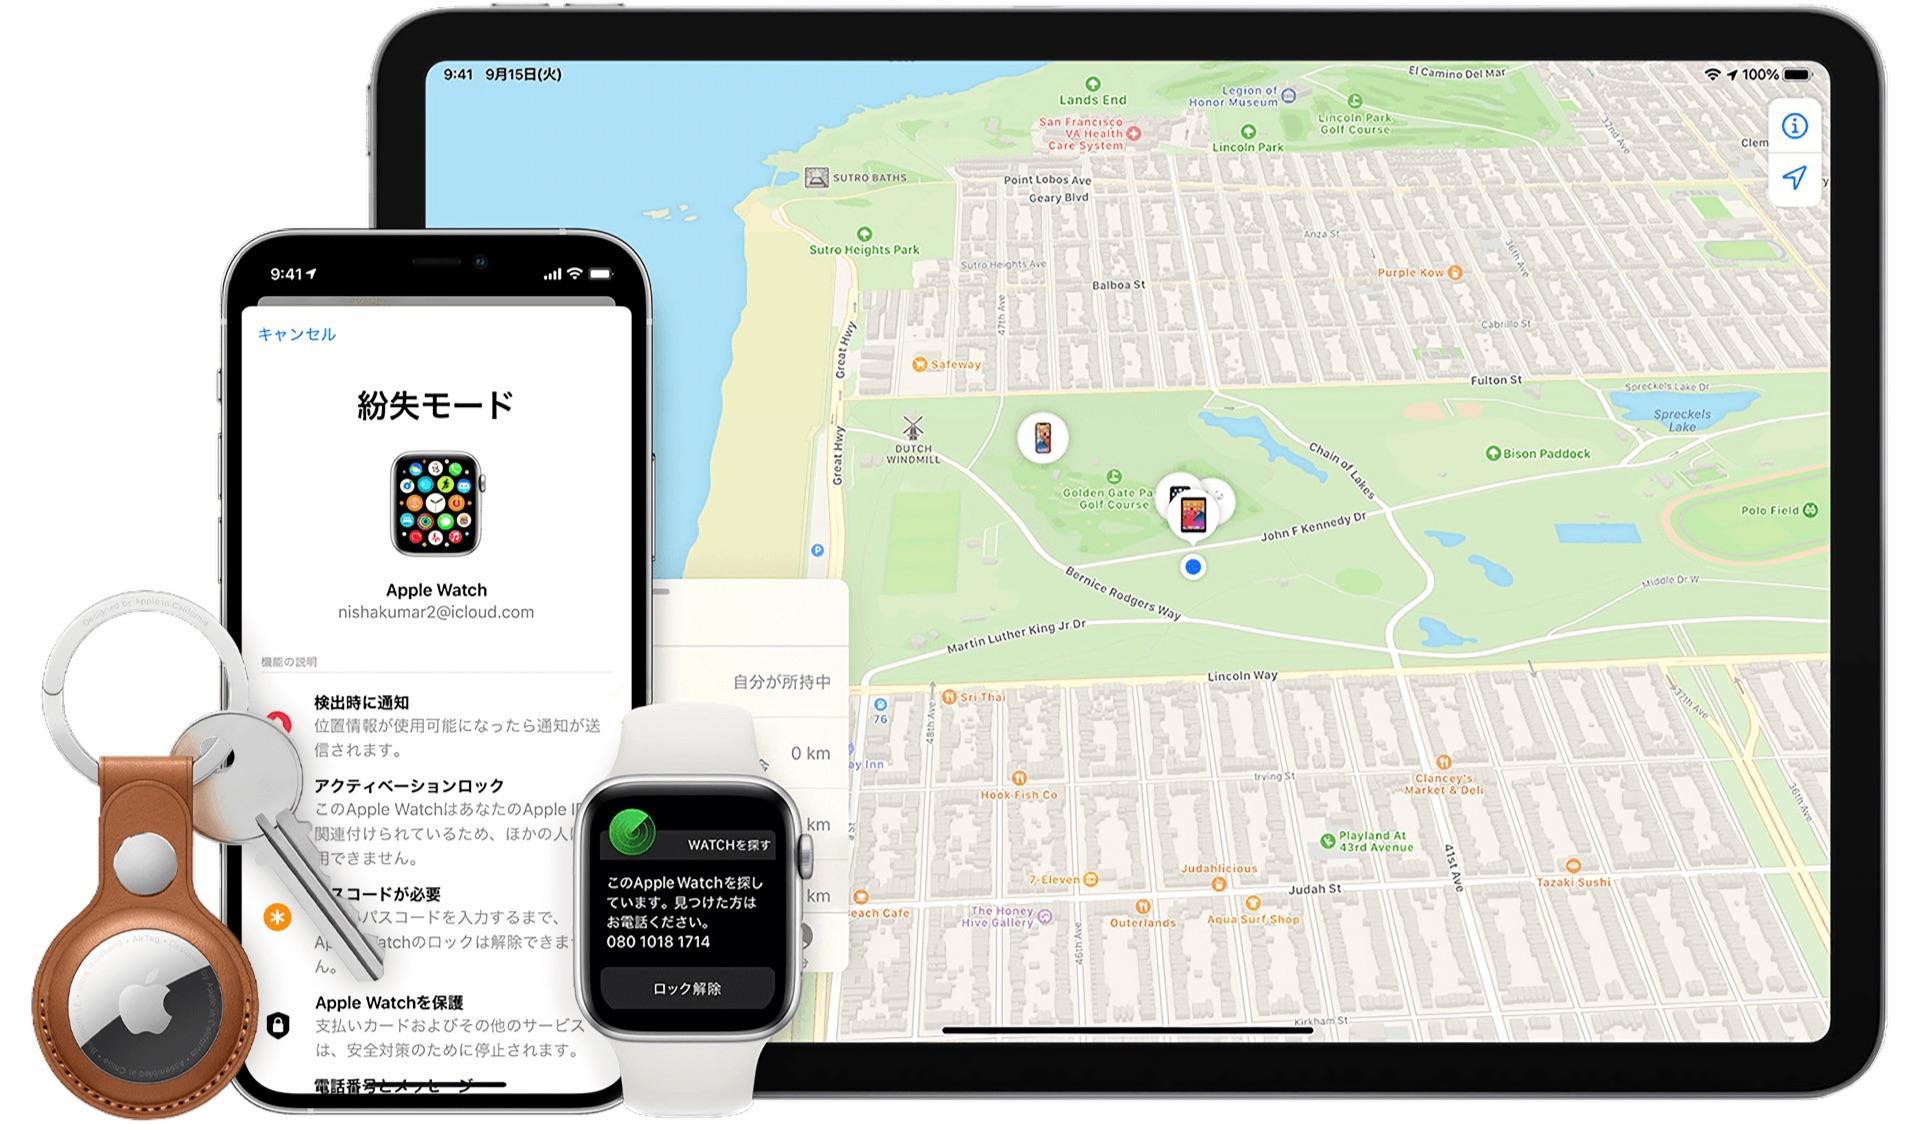 Appleの探すネットワーク